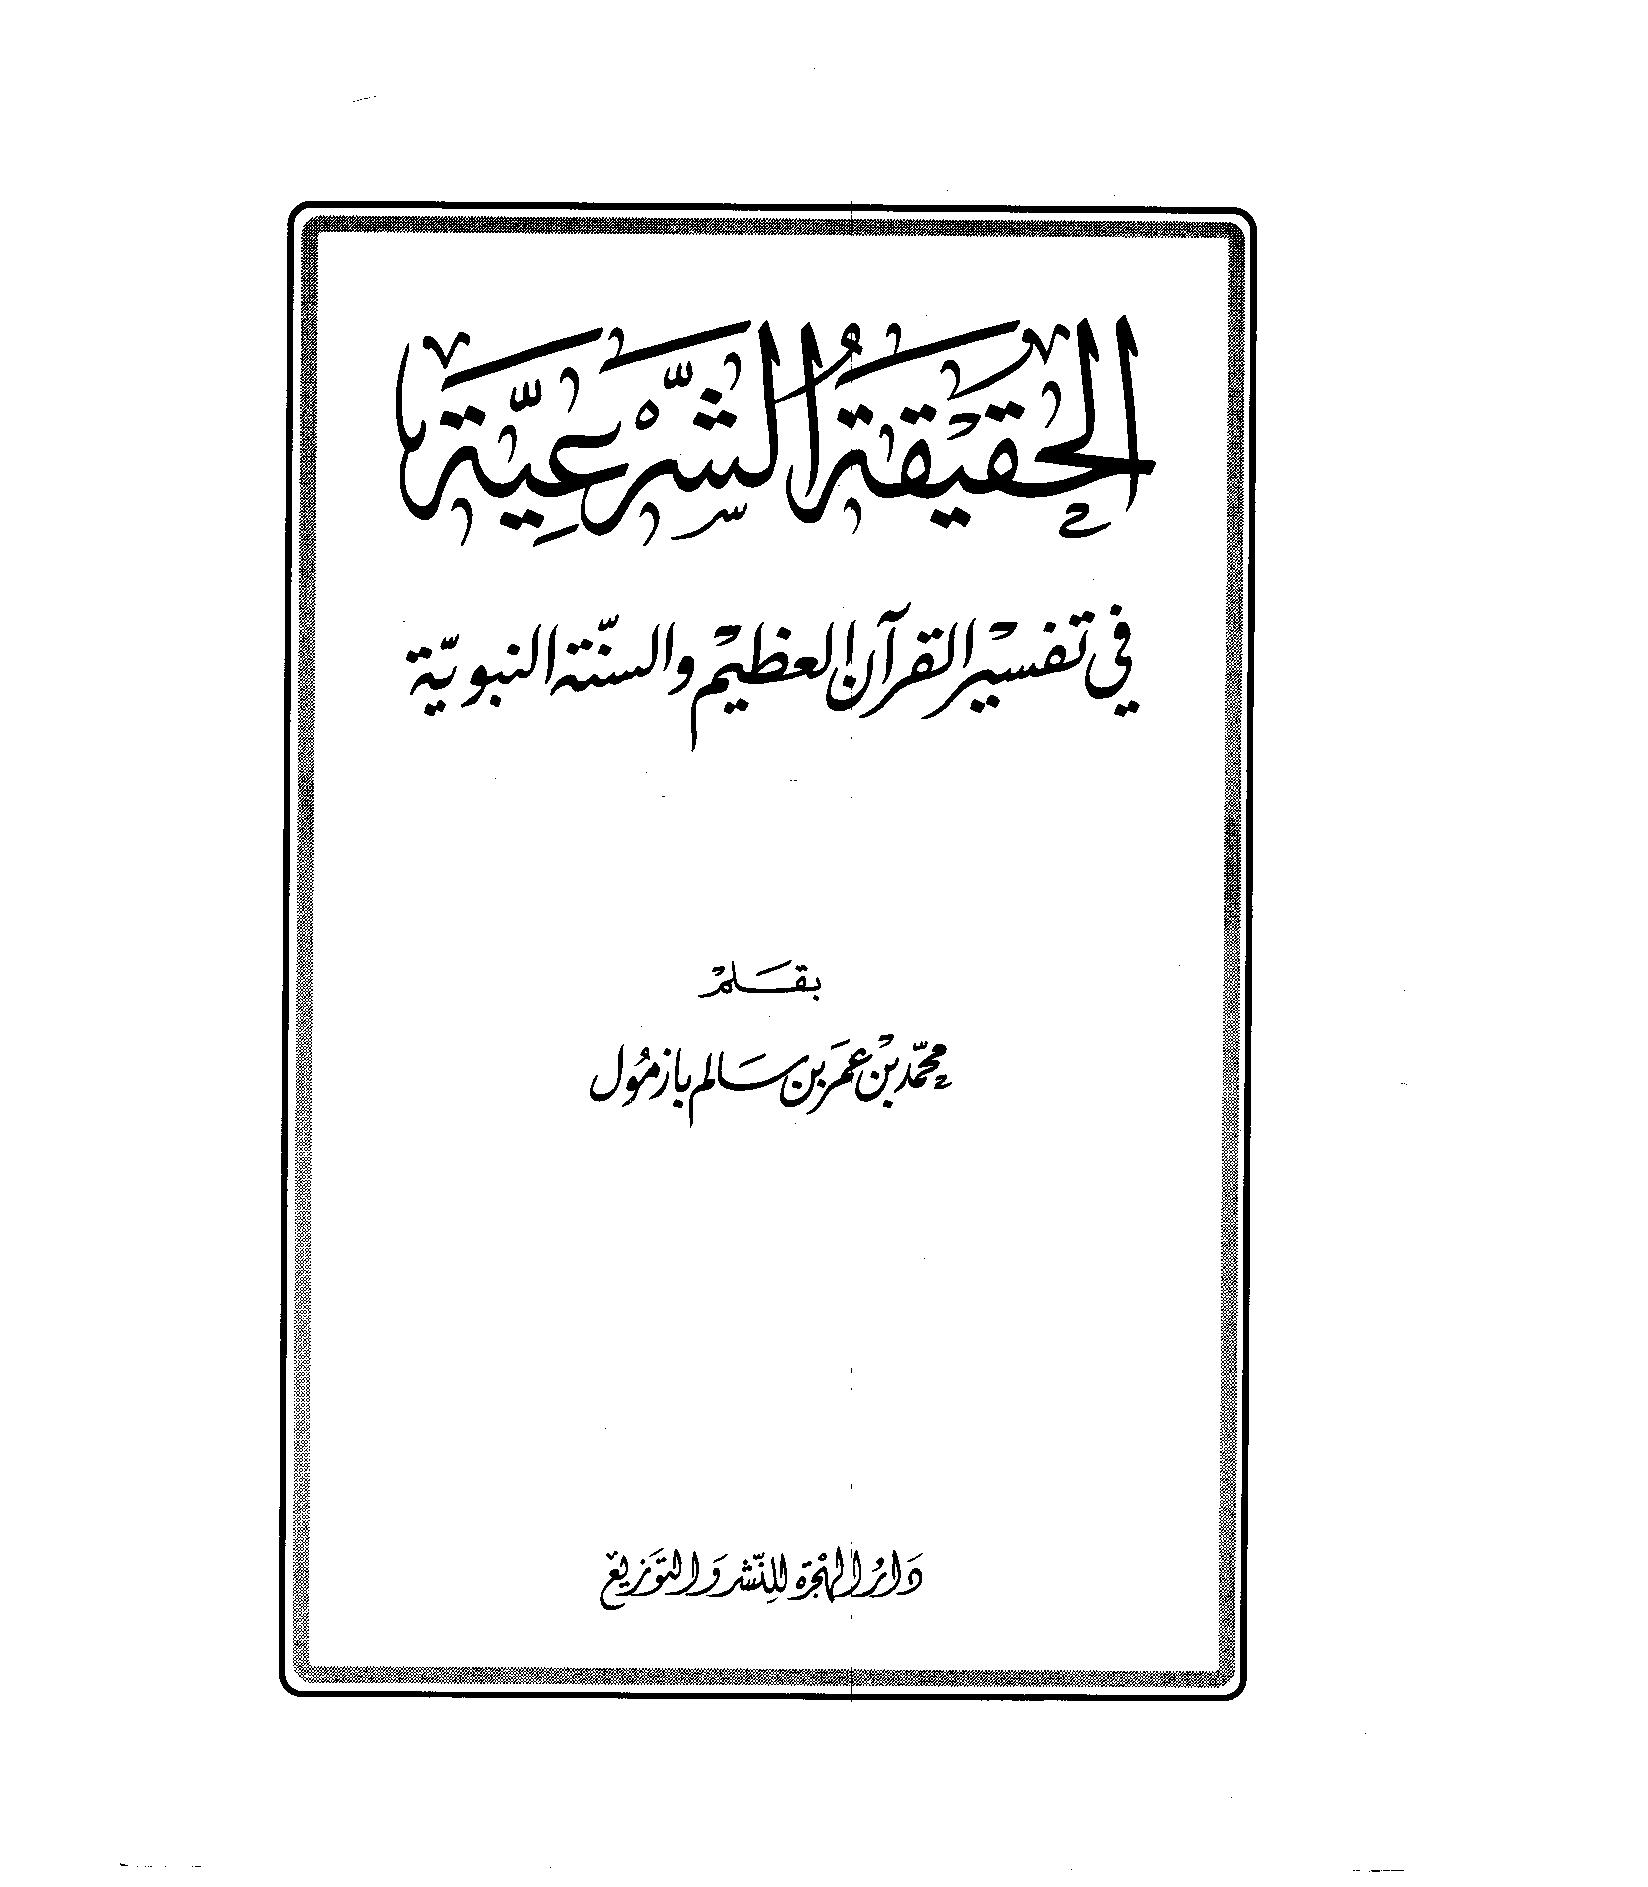 تحميل كتاب الحقيقة الشرعية في تفسير القرآن العظيم والسنة النبوية لـِ: الدكتور محمد بن عمر بن سالم بازمول